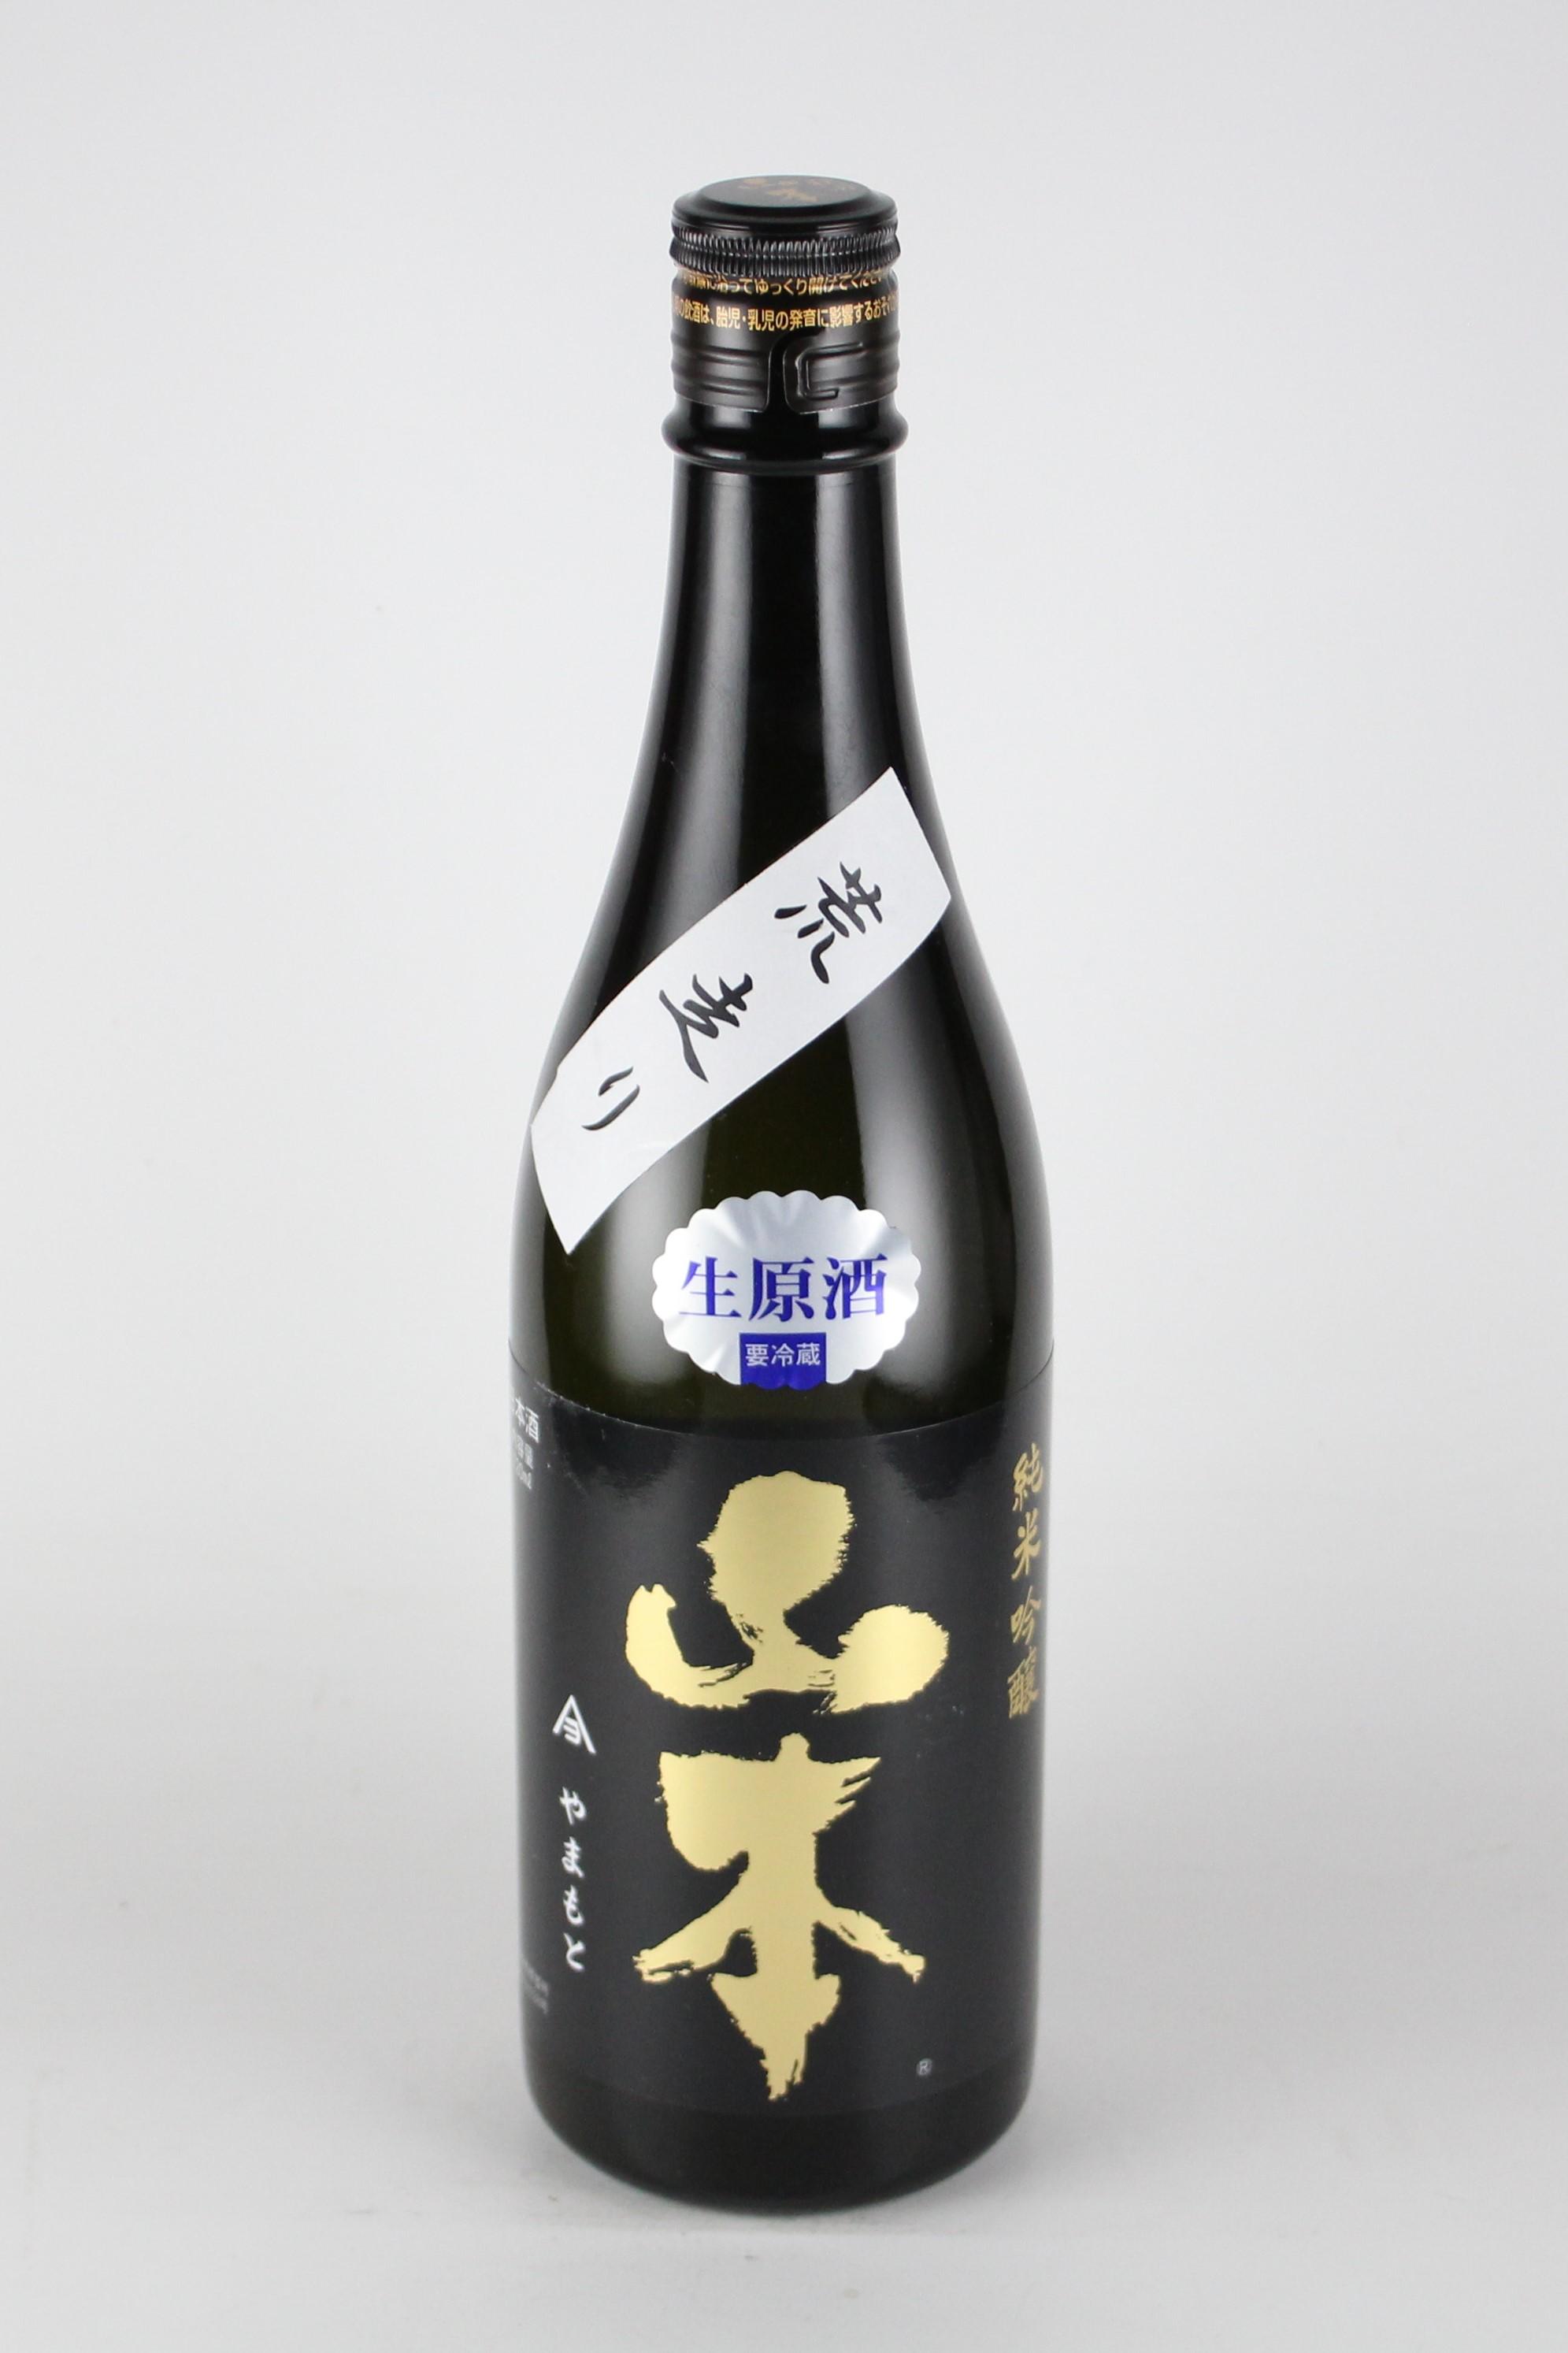 山本ピュアブラック 荒走り 純米吟醸生原酒 720ml 【秋田/山本合名】